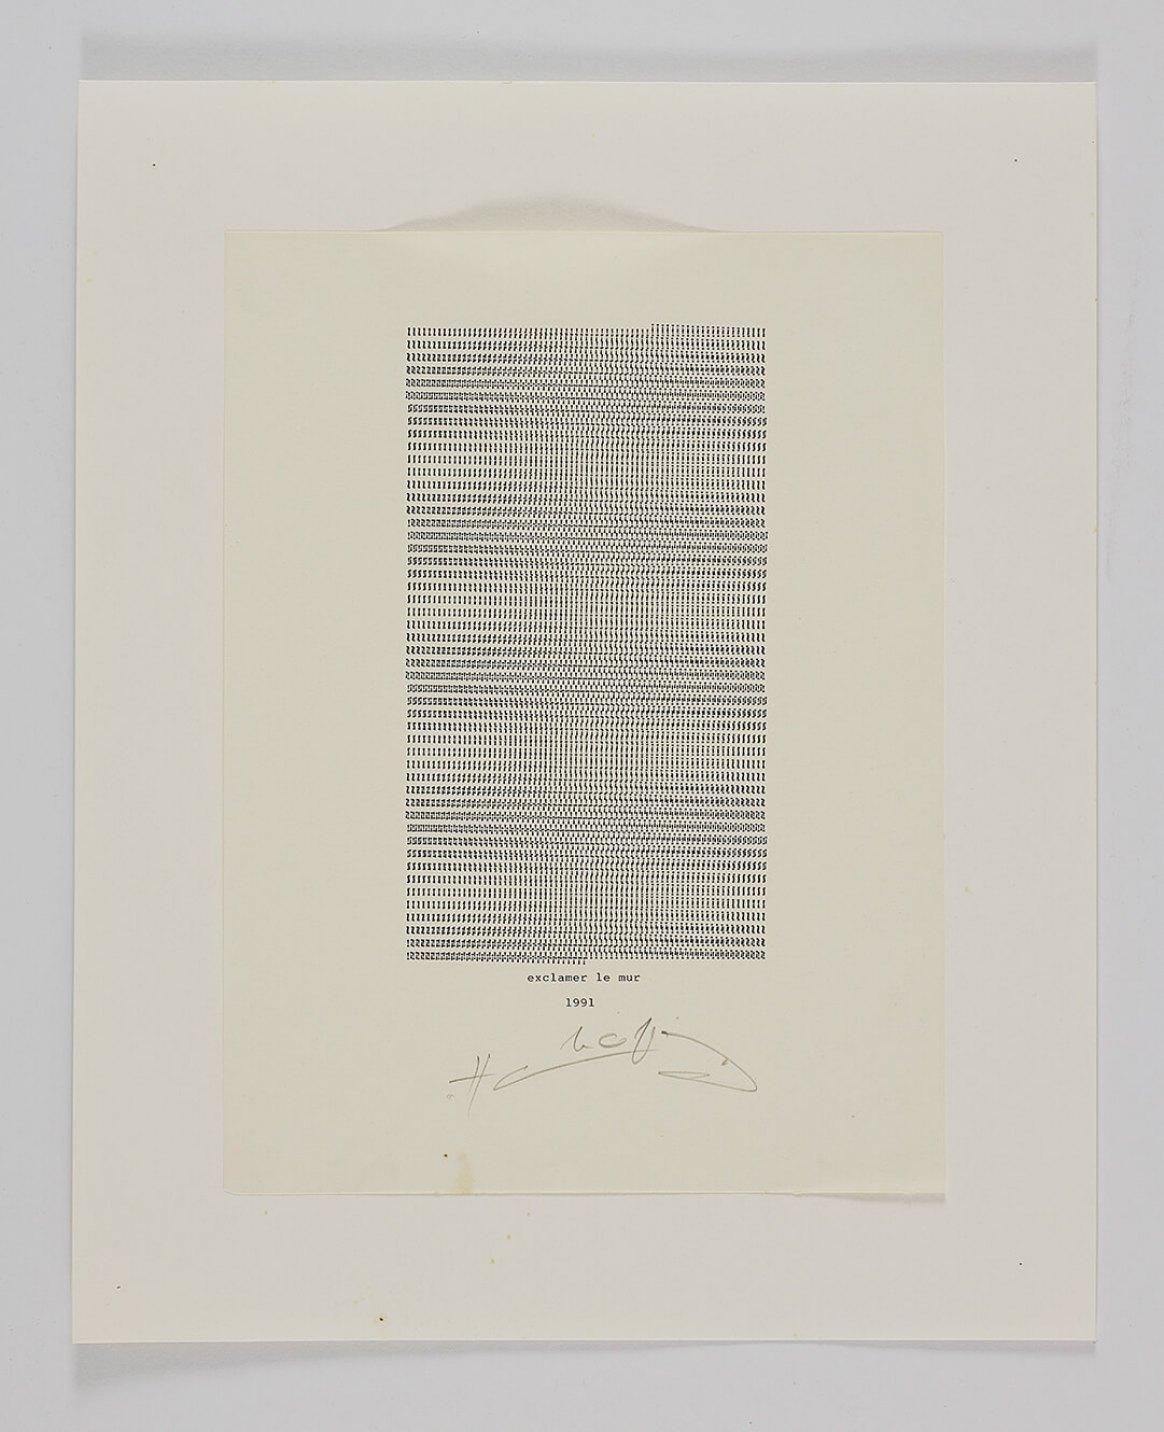 Henri Chopin,<em>Exclamer le mur</em>,1991,ink on paper (typewritten poems),42 × 34 cm - Mendes Wood DM